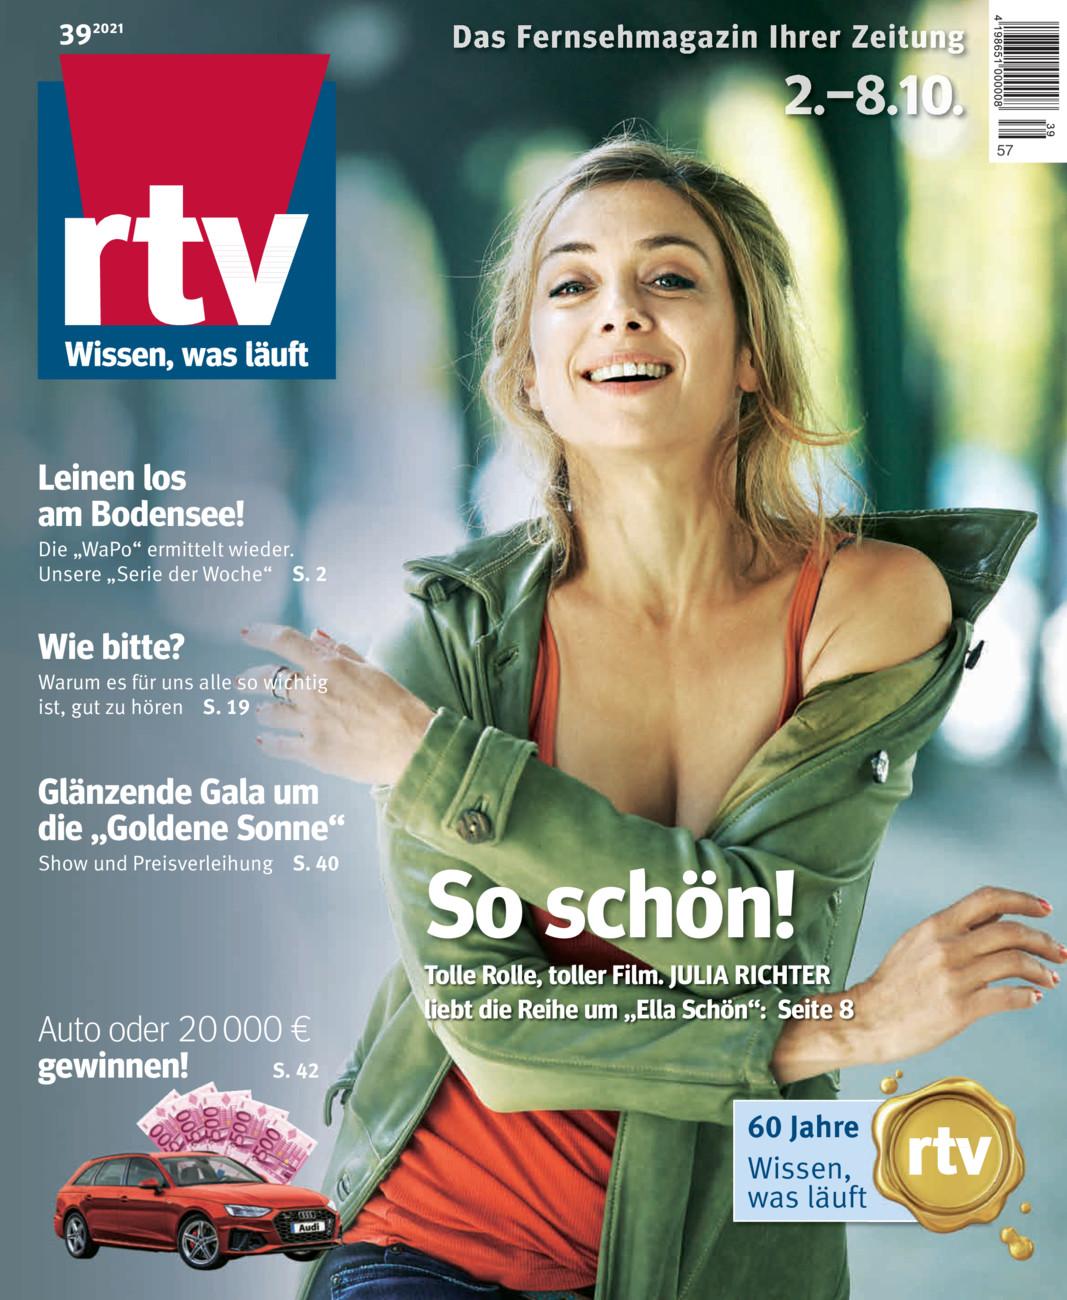 RTV Fernsehmagazin vom Dienstag, 22.09.2020